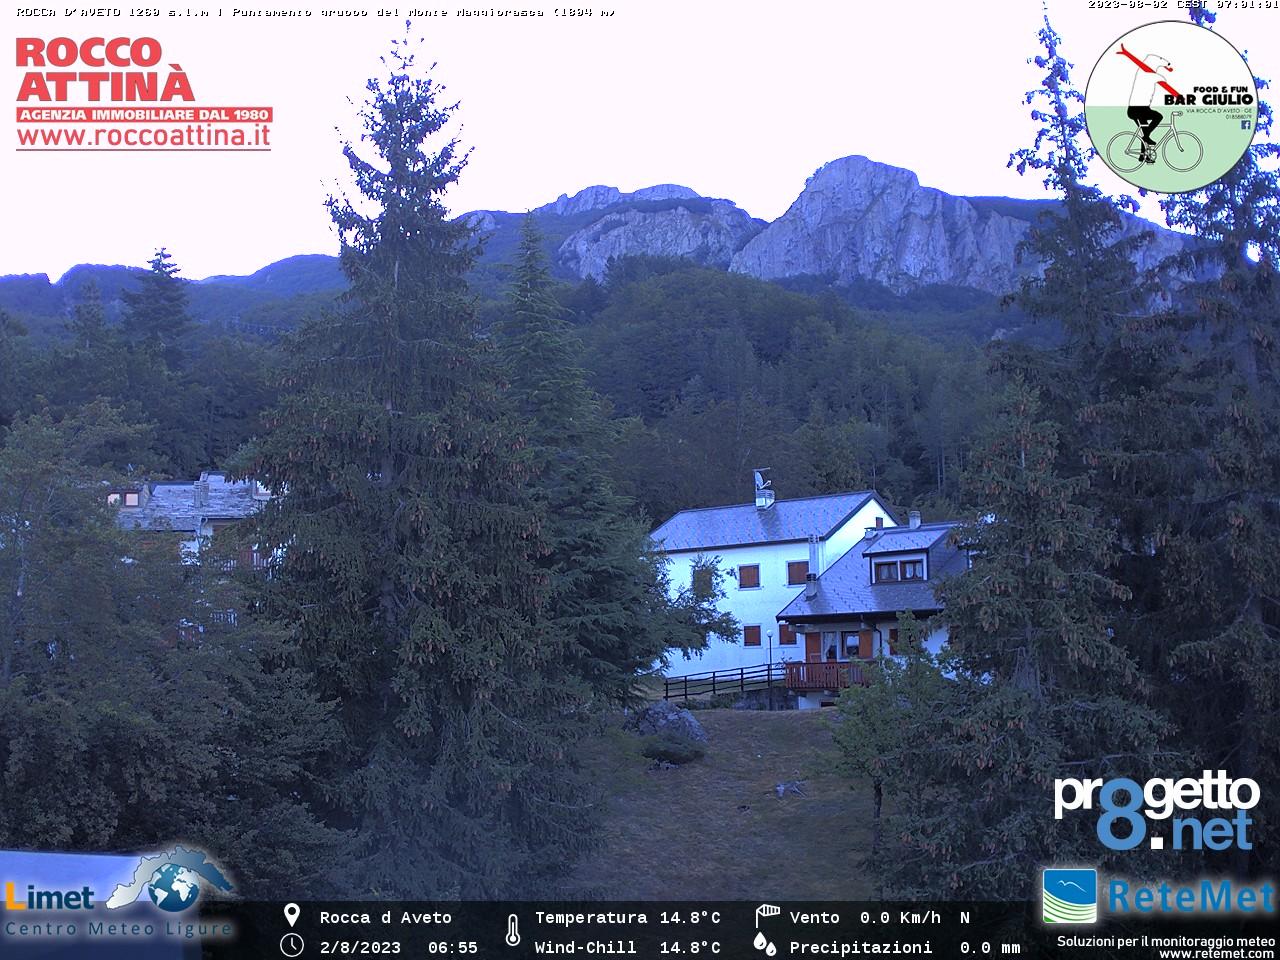 webcam Monte Maggiorasca, Rocca D'Aveto, provincia di Genova, Liguria